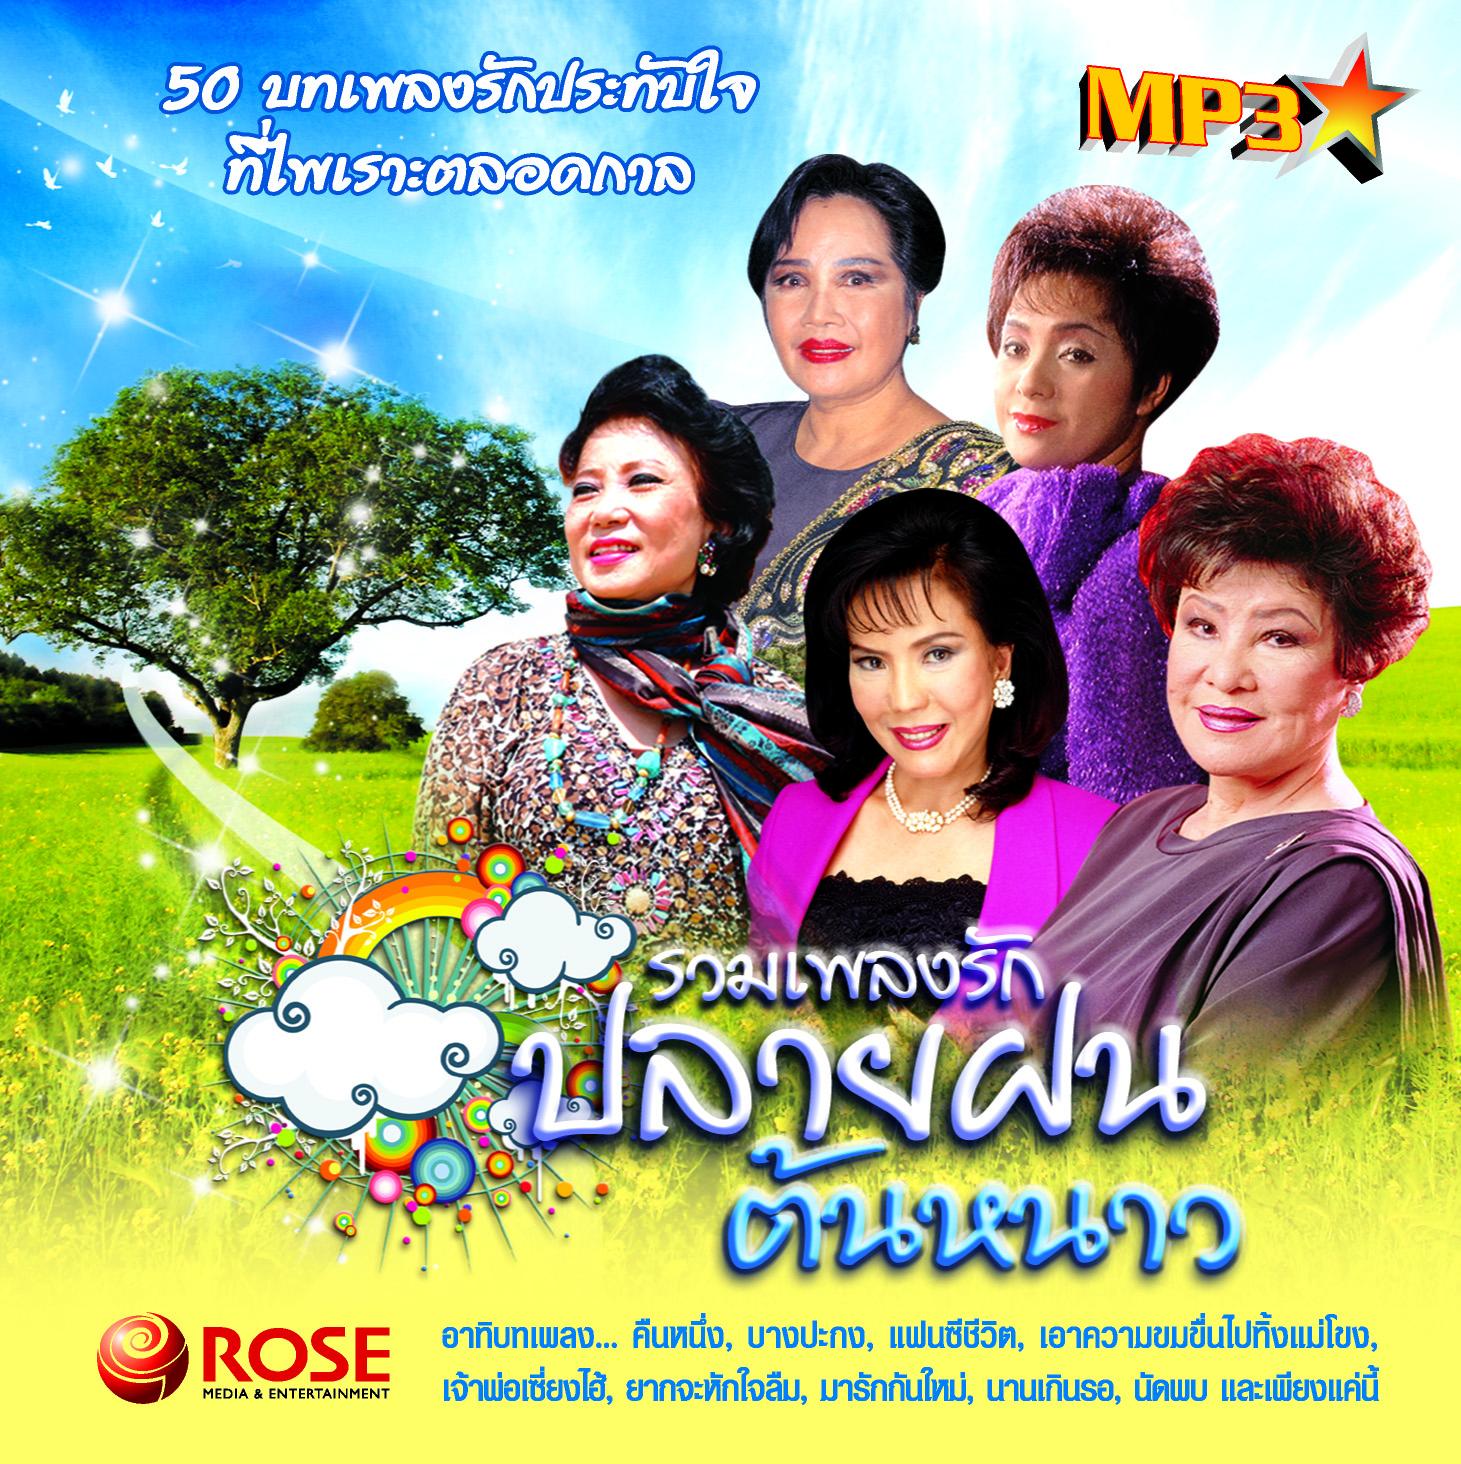 MP3 รวมเพลงรัก ปลายฝนต้นหนาว (รวงทอง,รุ่งฤดี,ลินจง,สวลี,อุมาพร)